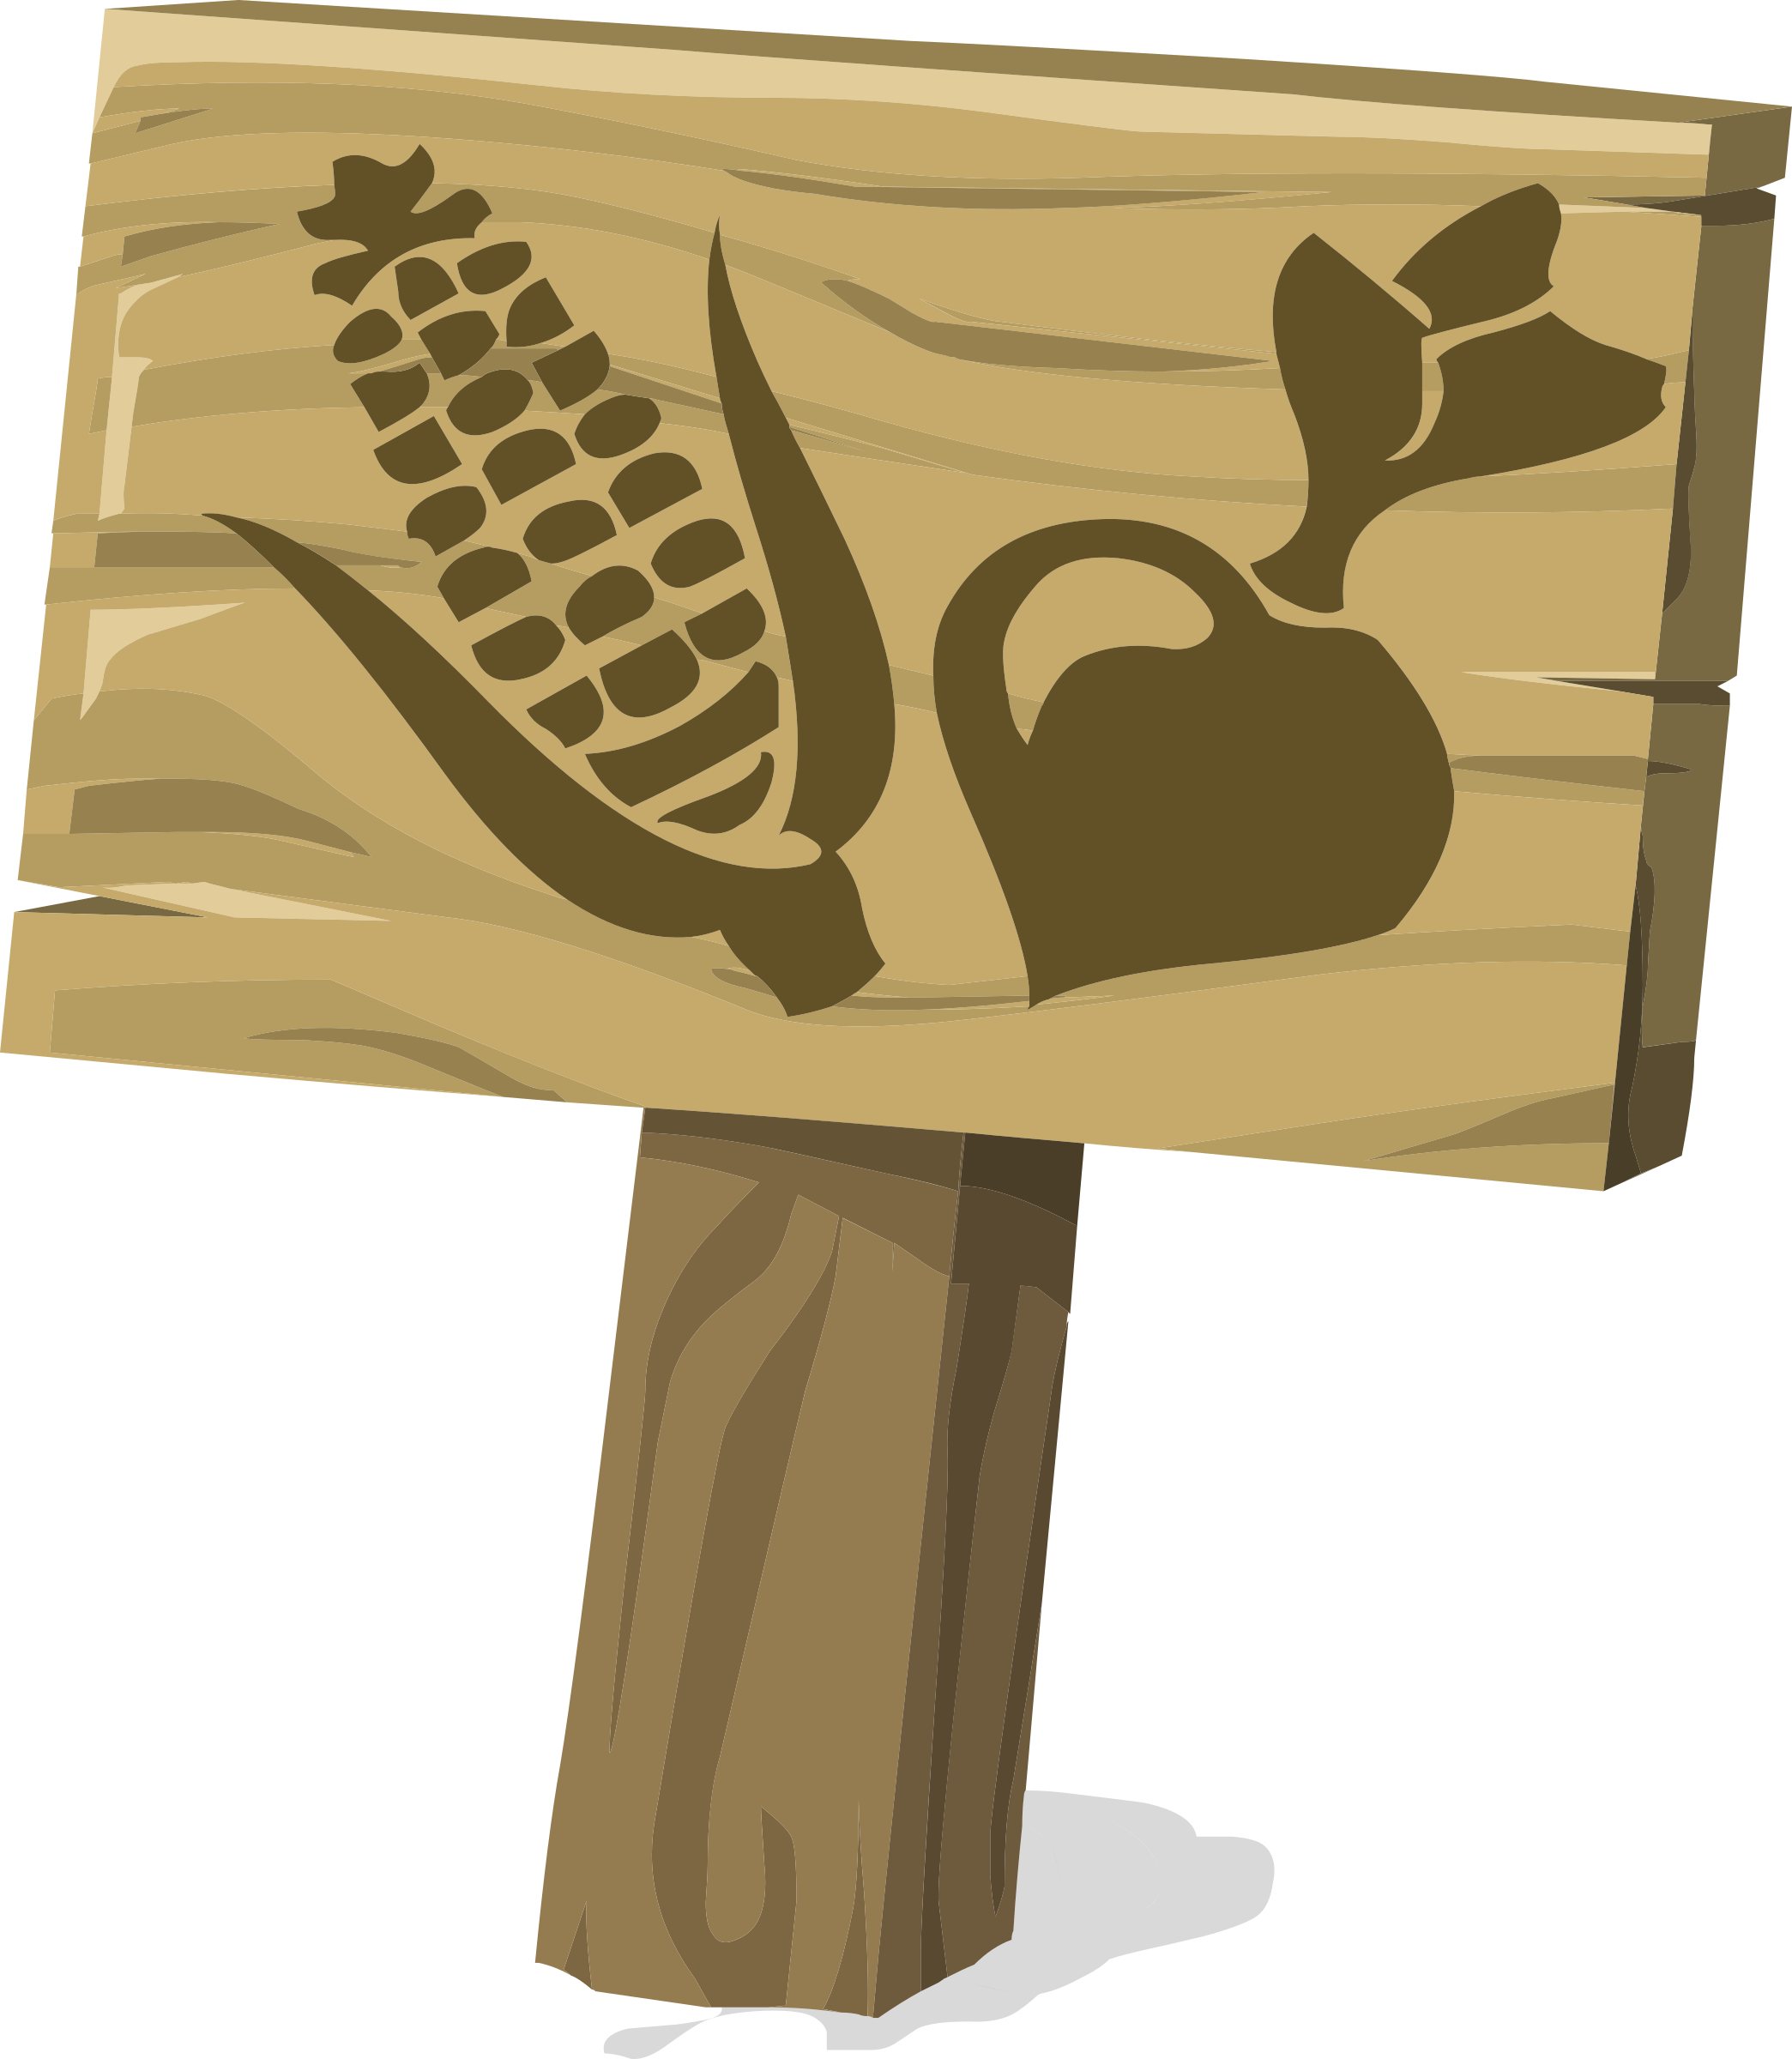 Ilmenskie garden sign crop. Crops clipart clip art